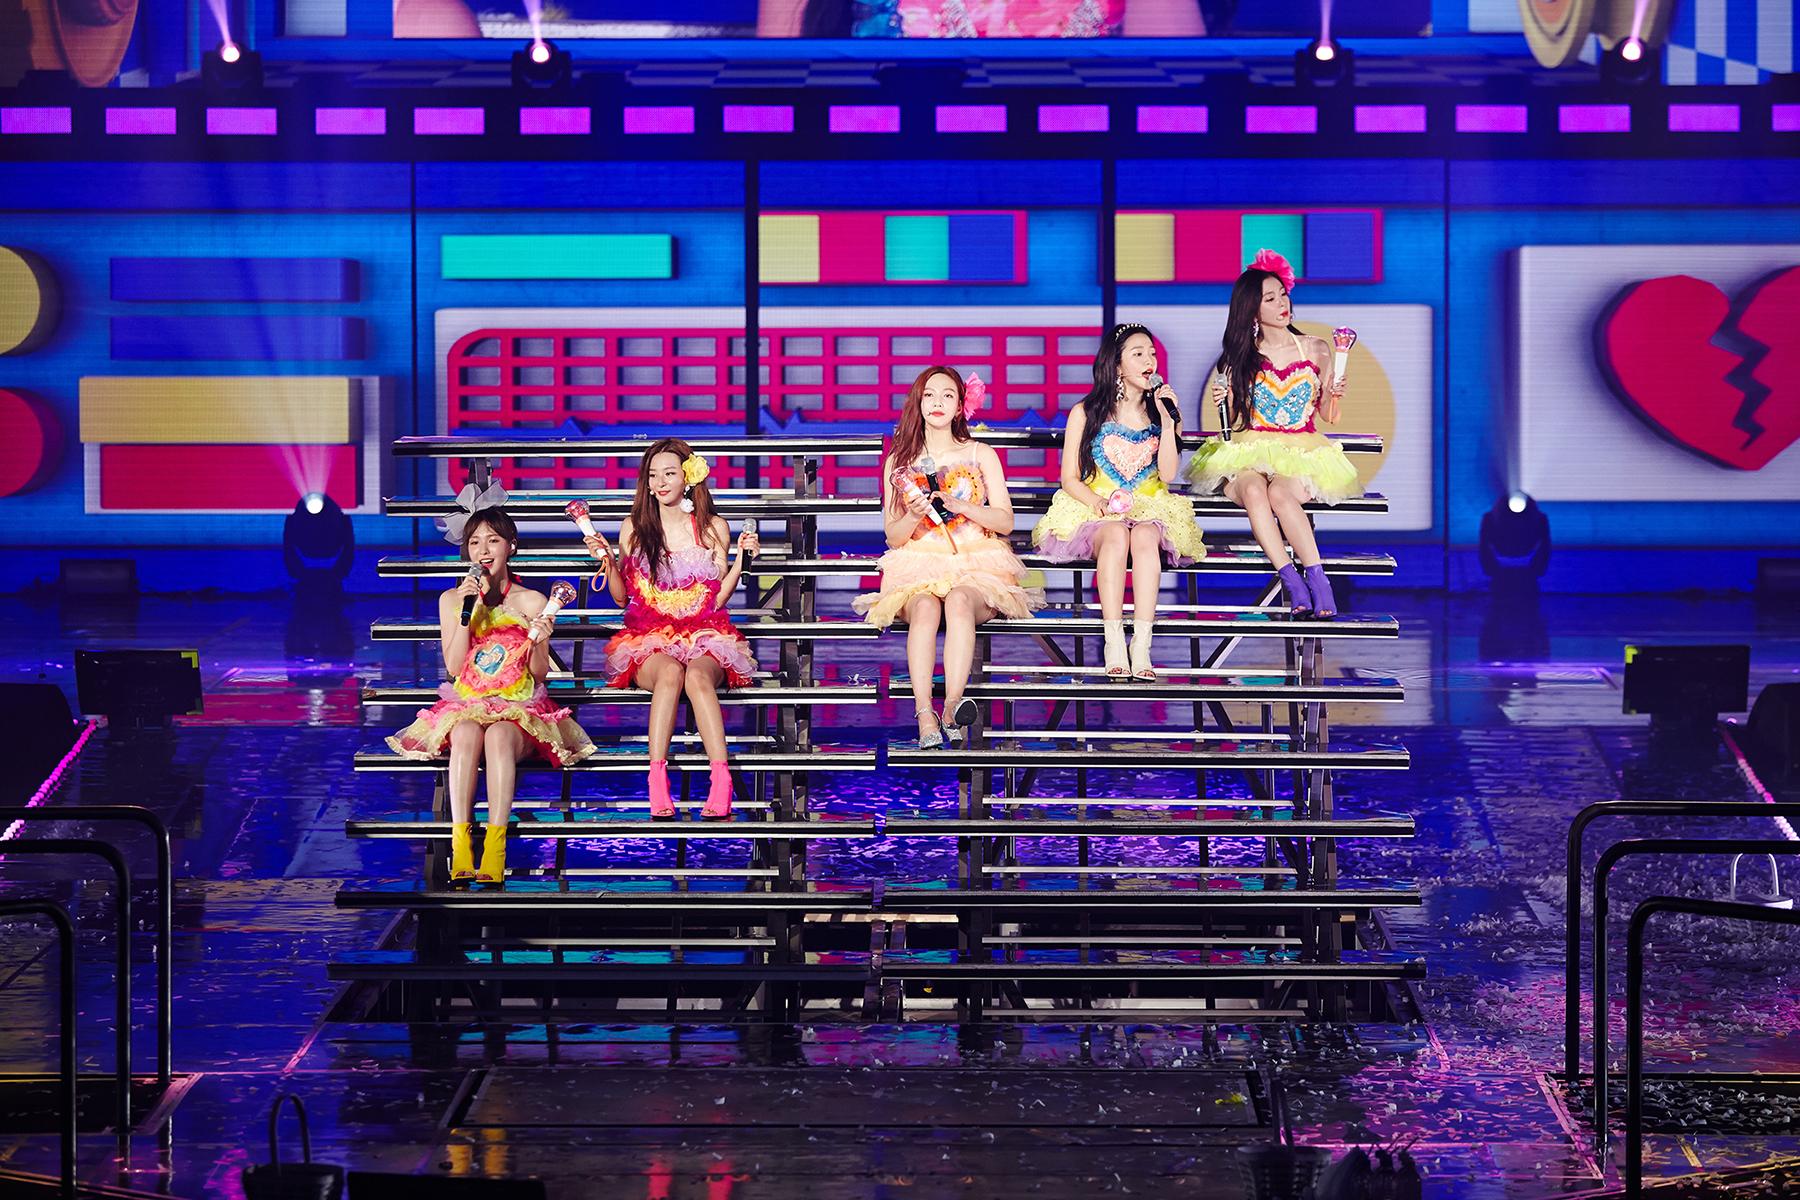 레드벨벳 두 번째 단독 콘서트 이미지 2.jpg